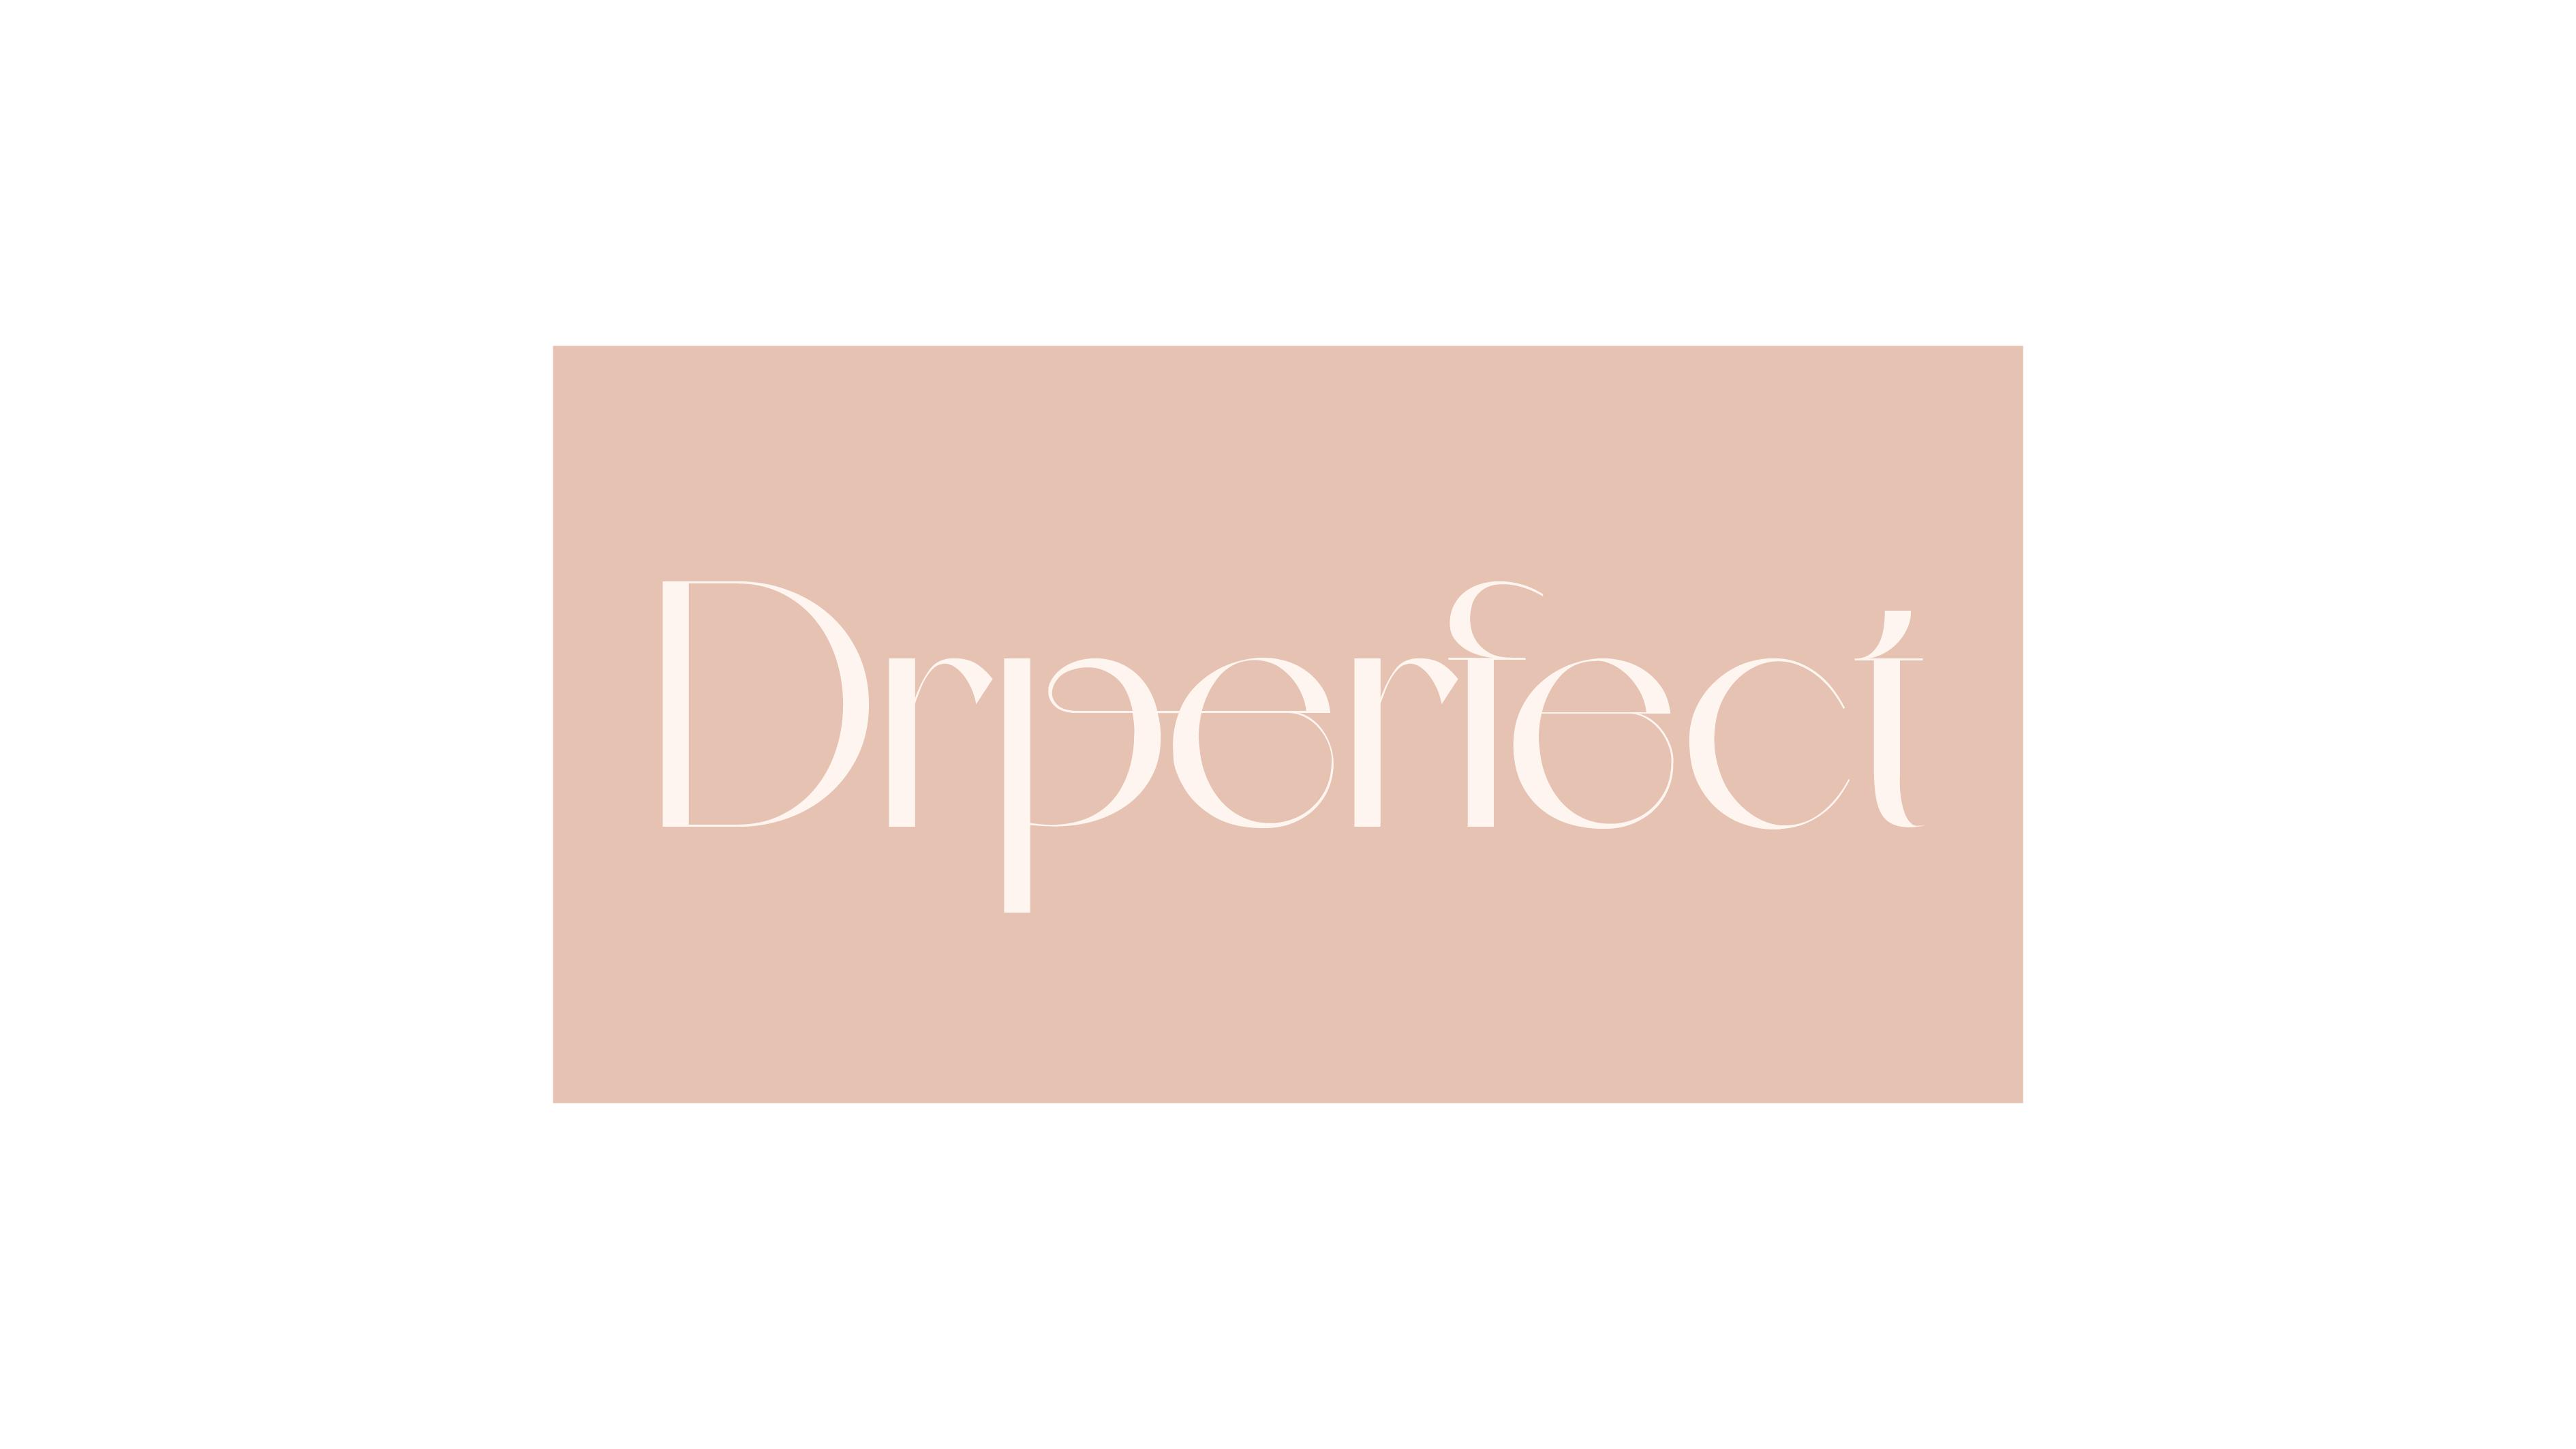 Drperfect女士内衣品牌LOGO亚博客服电话多少